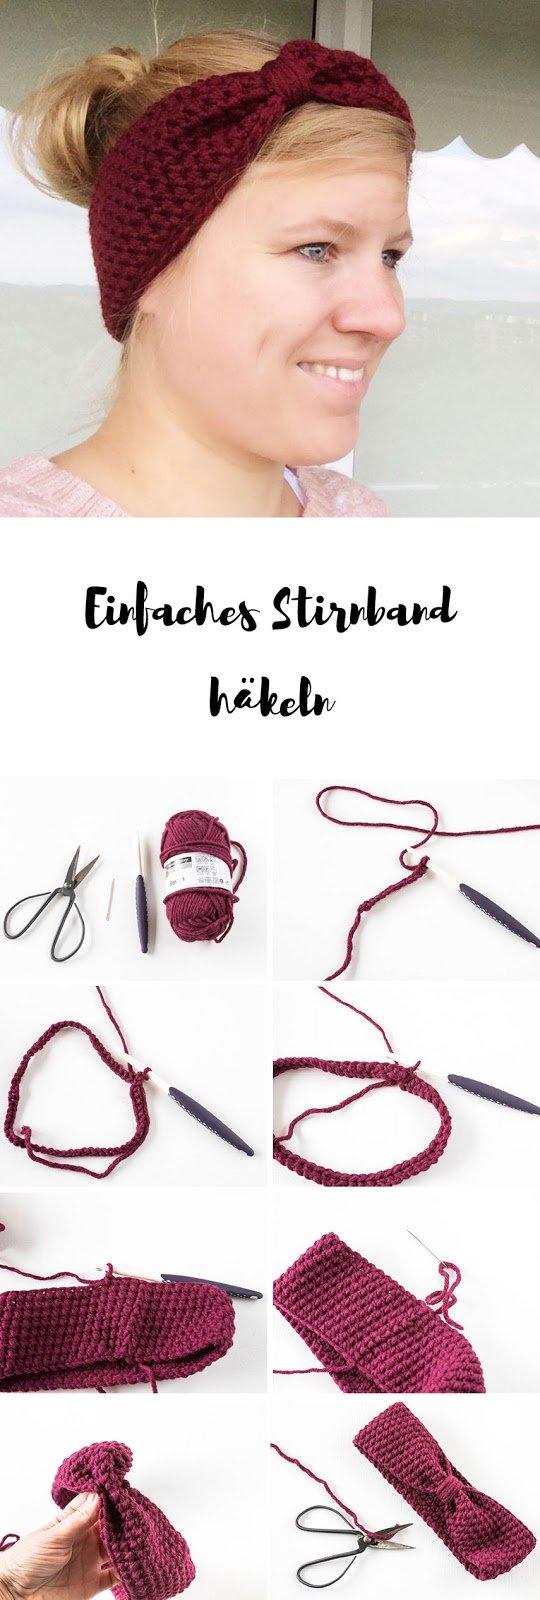 Häkeln Anleitung: Stirnband häkeln für Anfänger mit Video-Anleitung | Gehäkeltes Stirnband für den Winter - ein tolles DIY Geschenk zu Weihnachten | ars textura - DIY Blog